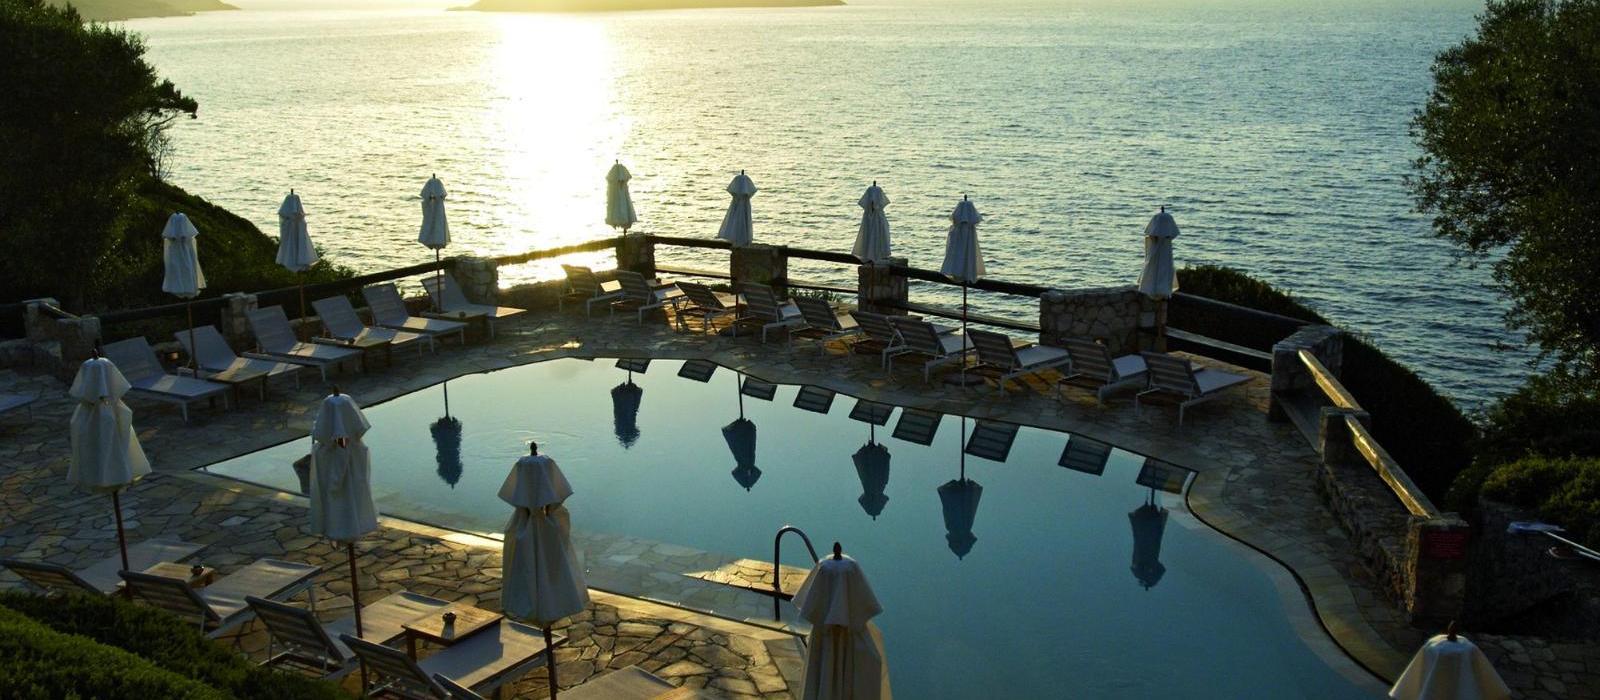 佩里卡诺精品酒店(Hotel Il Pellicano) 图片  www.lhw.cn